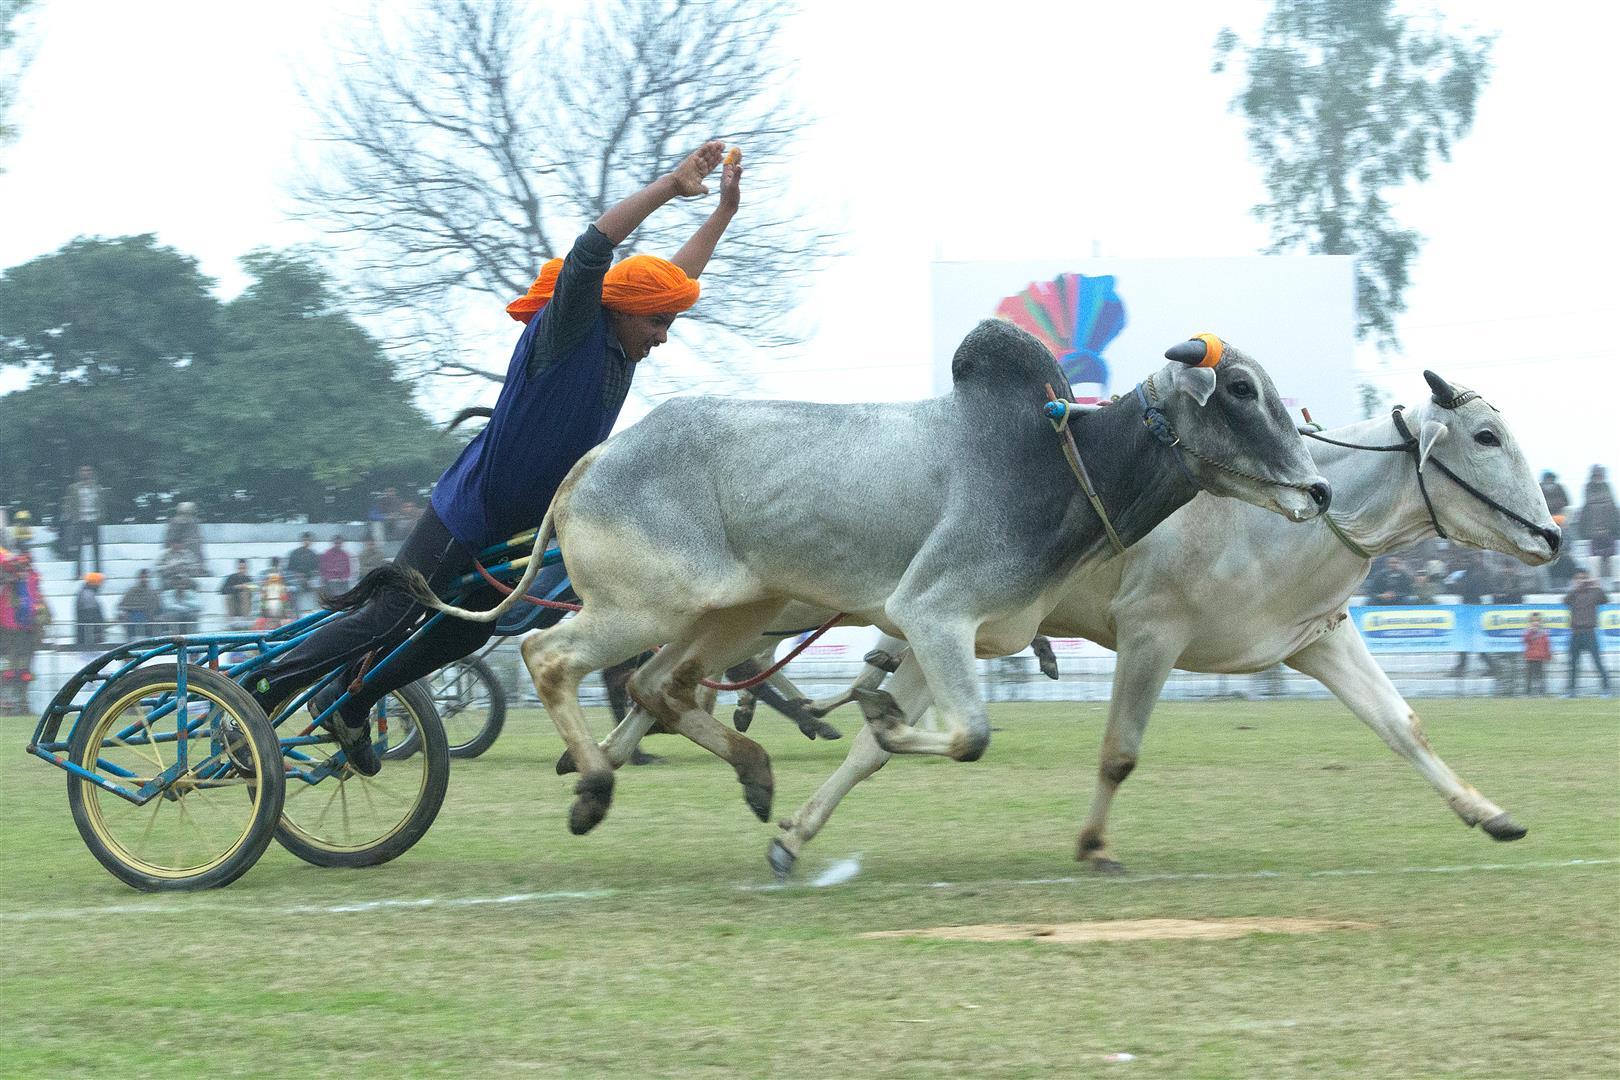 Kila Raipur Bullock cart